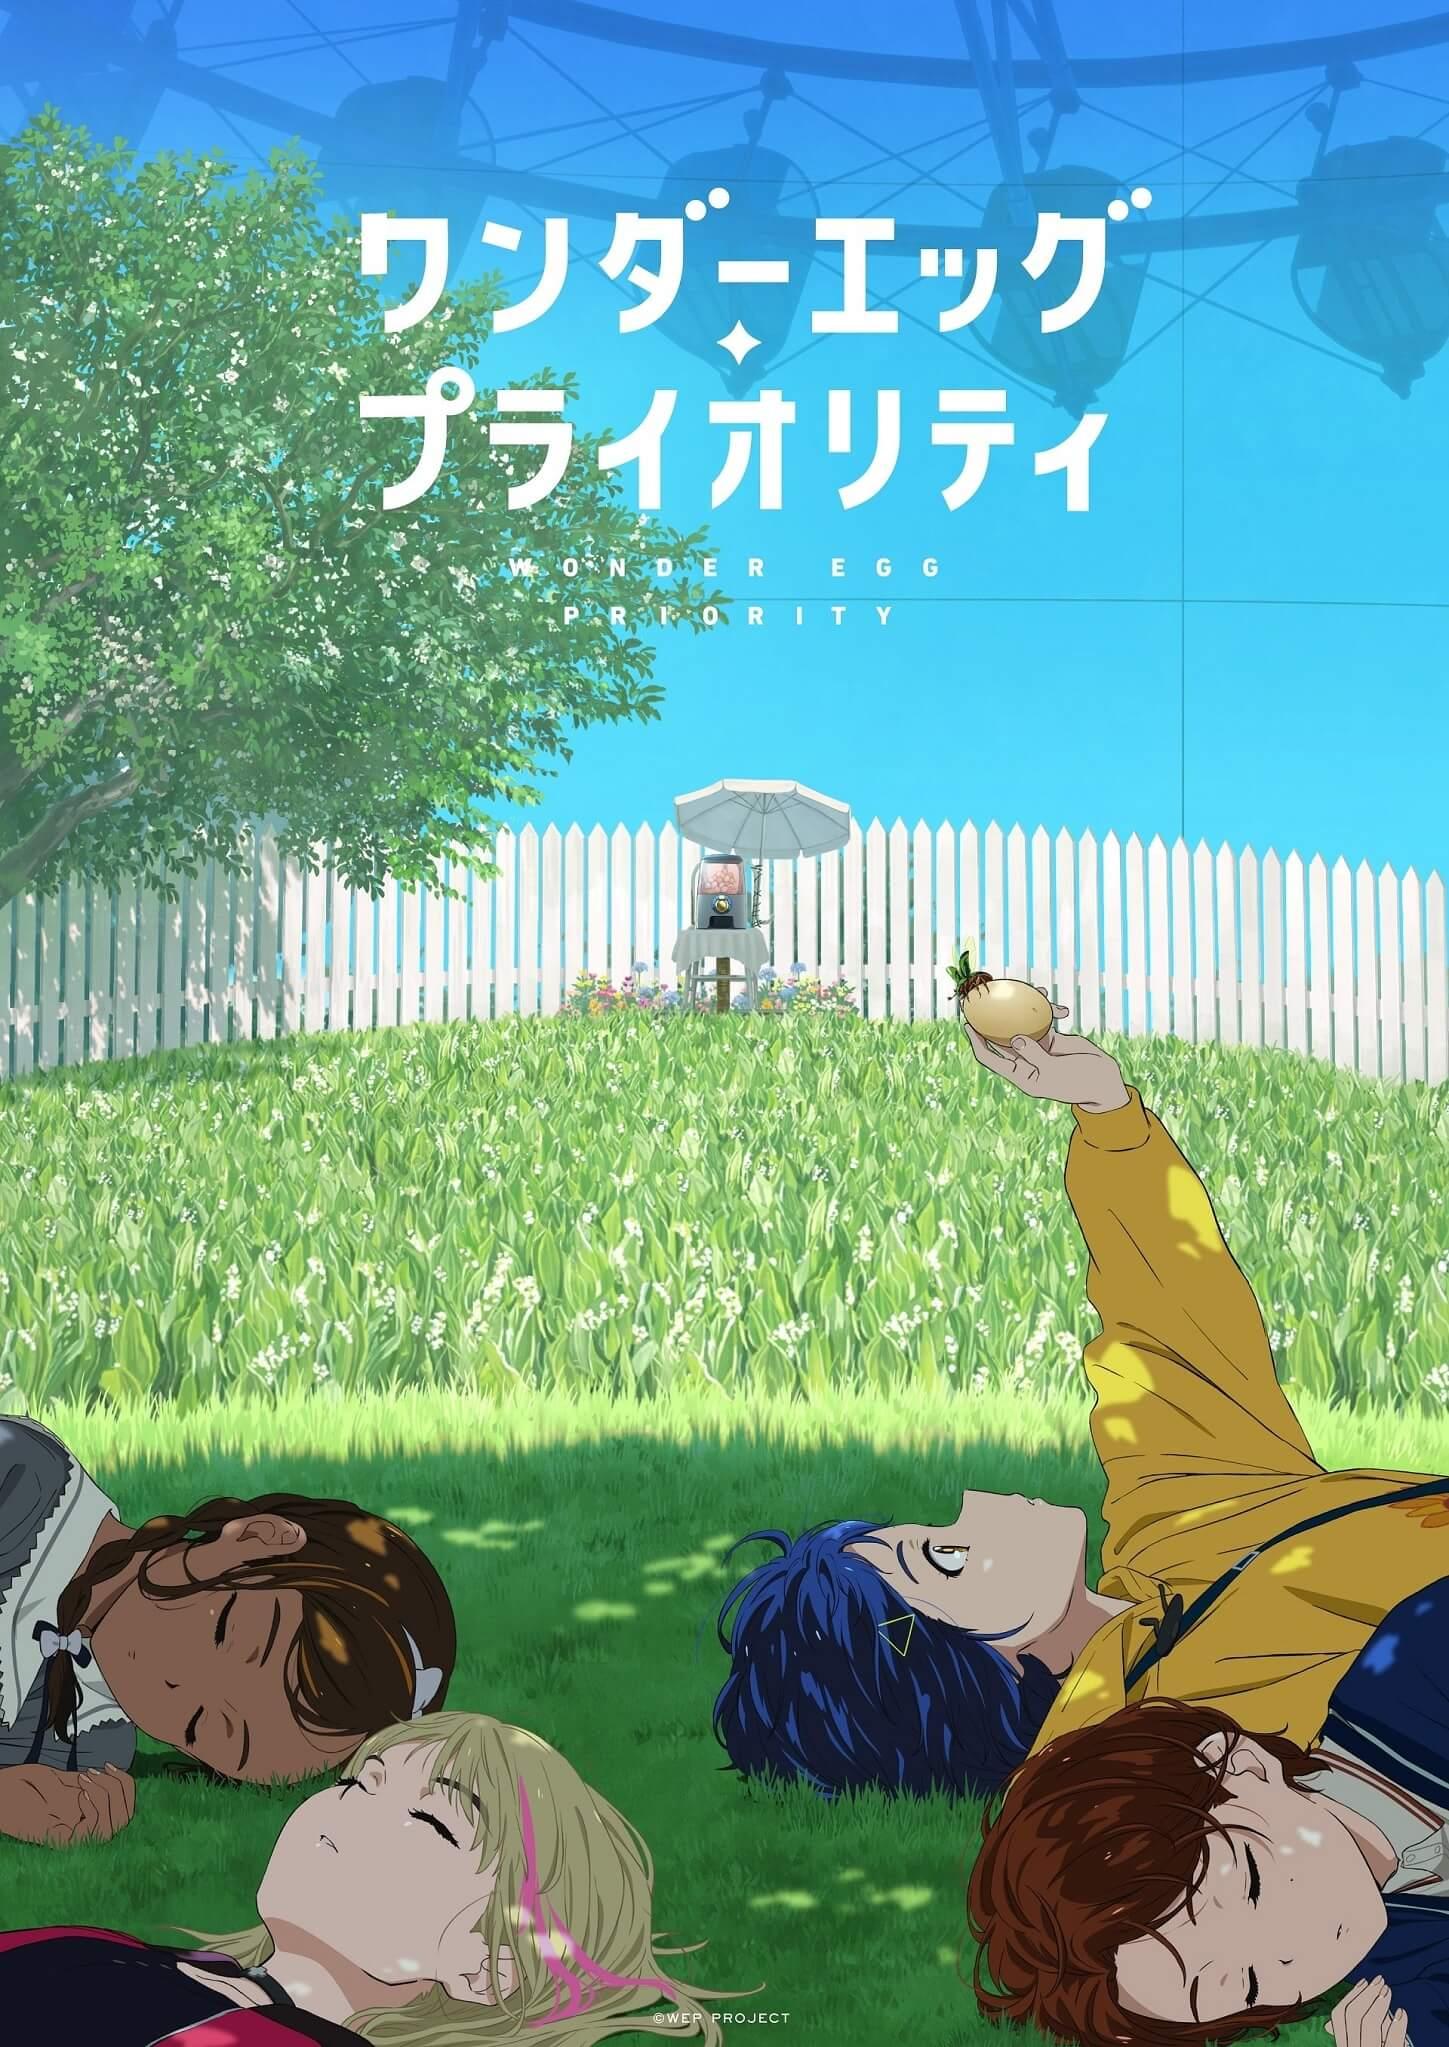 Wonder Egg Priority - Anime original revela Data de Estreia